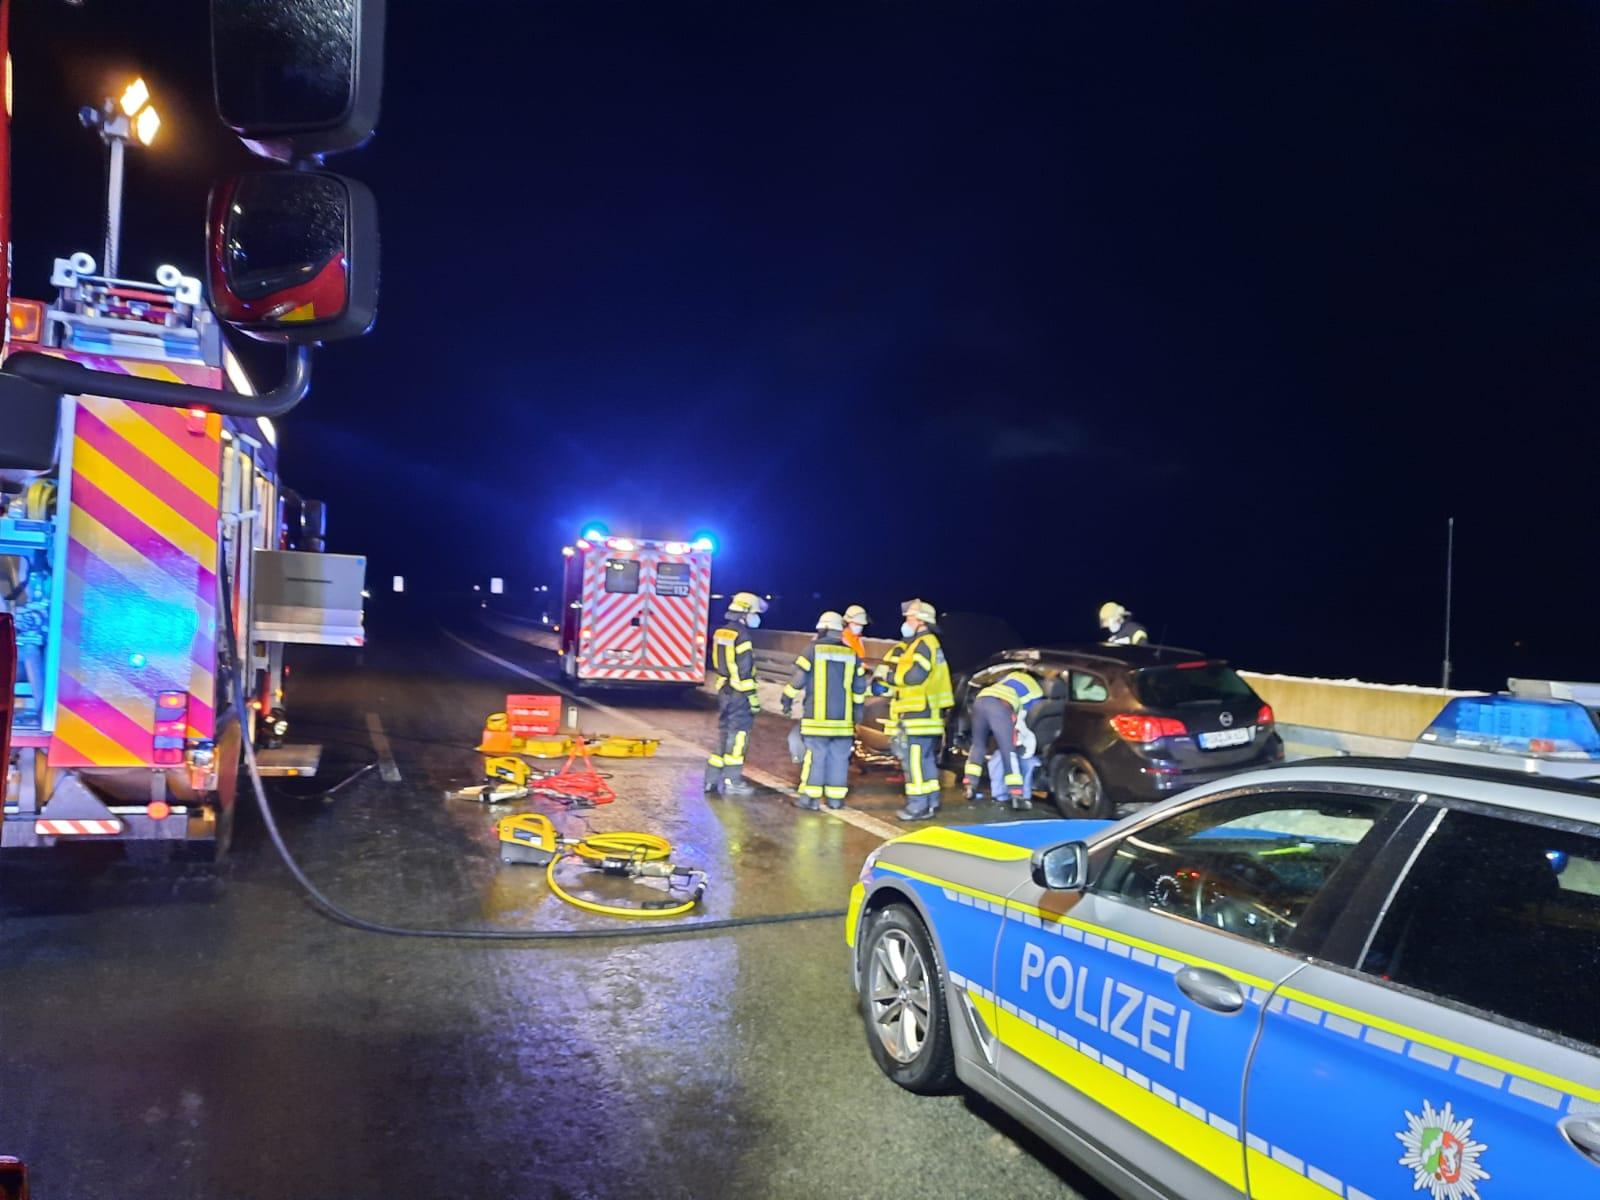 Bild: Feuerwehr Bestwig / Einsatzstelle BAB 46